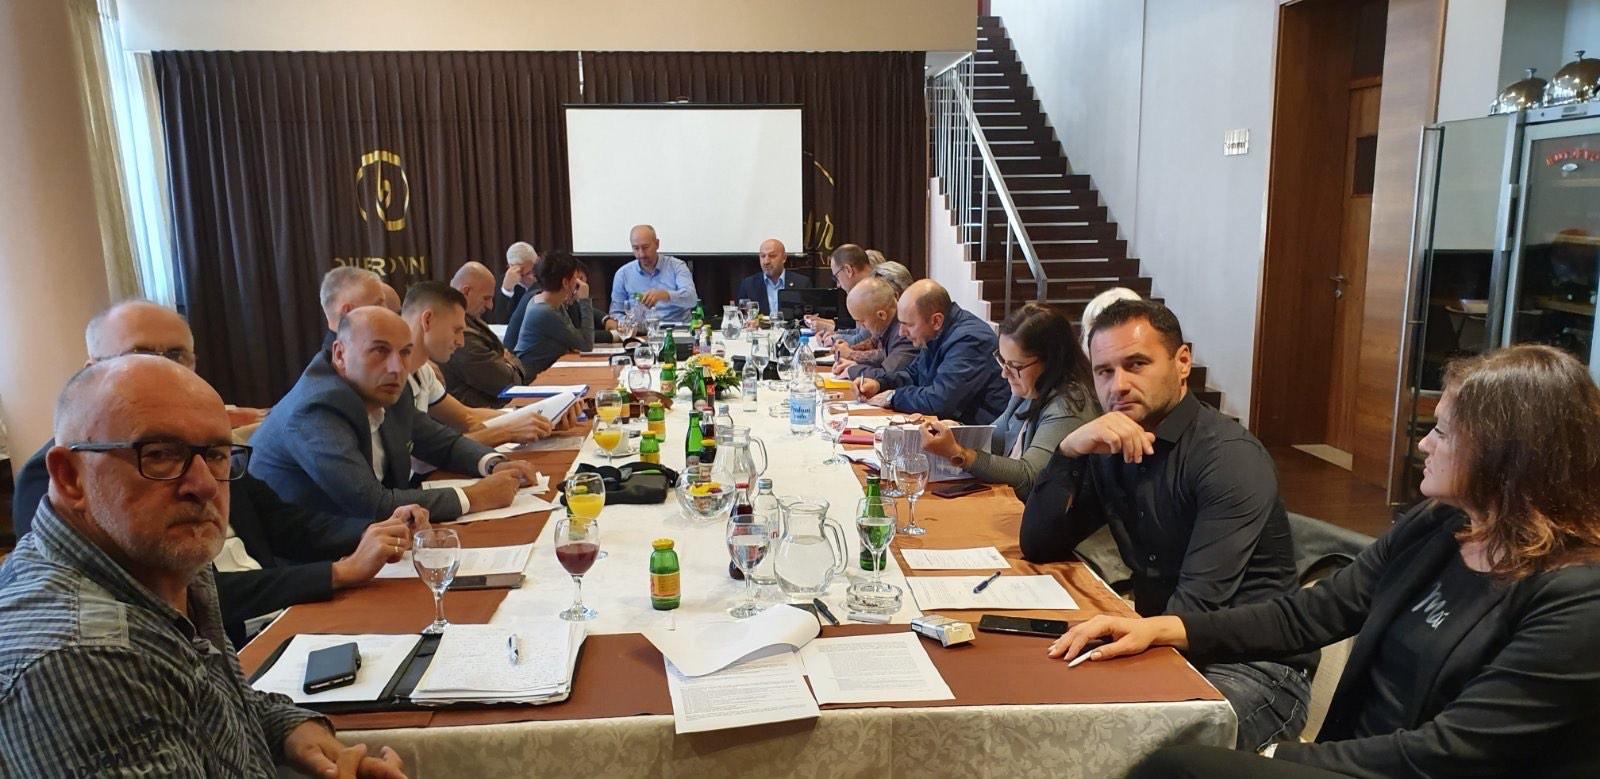 Održana Sjednica Upravnog Odbora Samostalnog Sindikata U Zenici